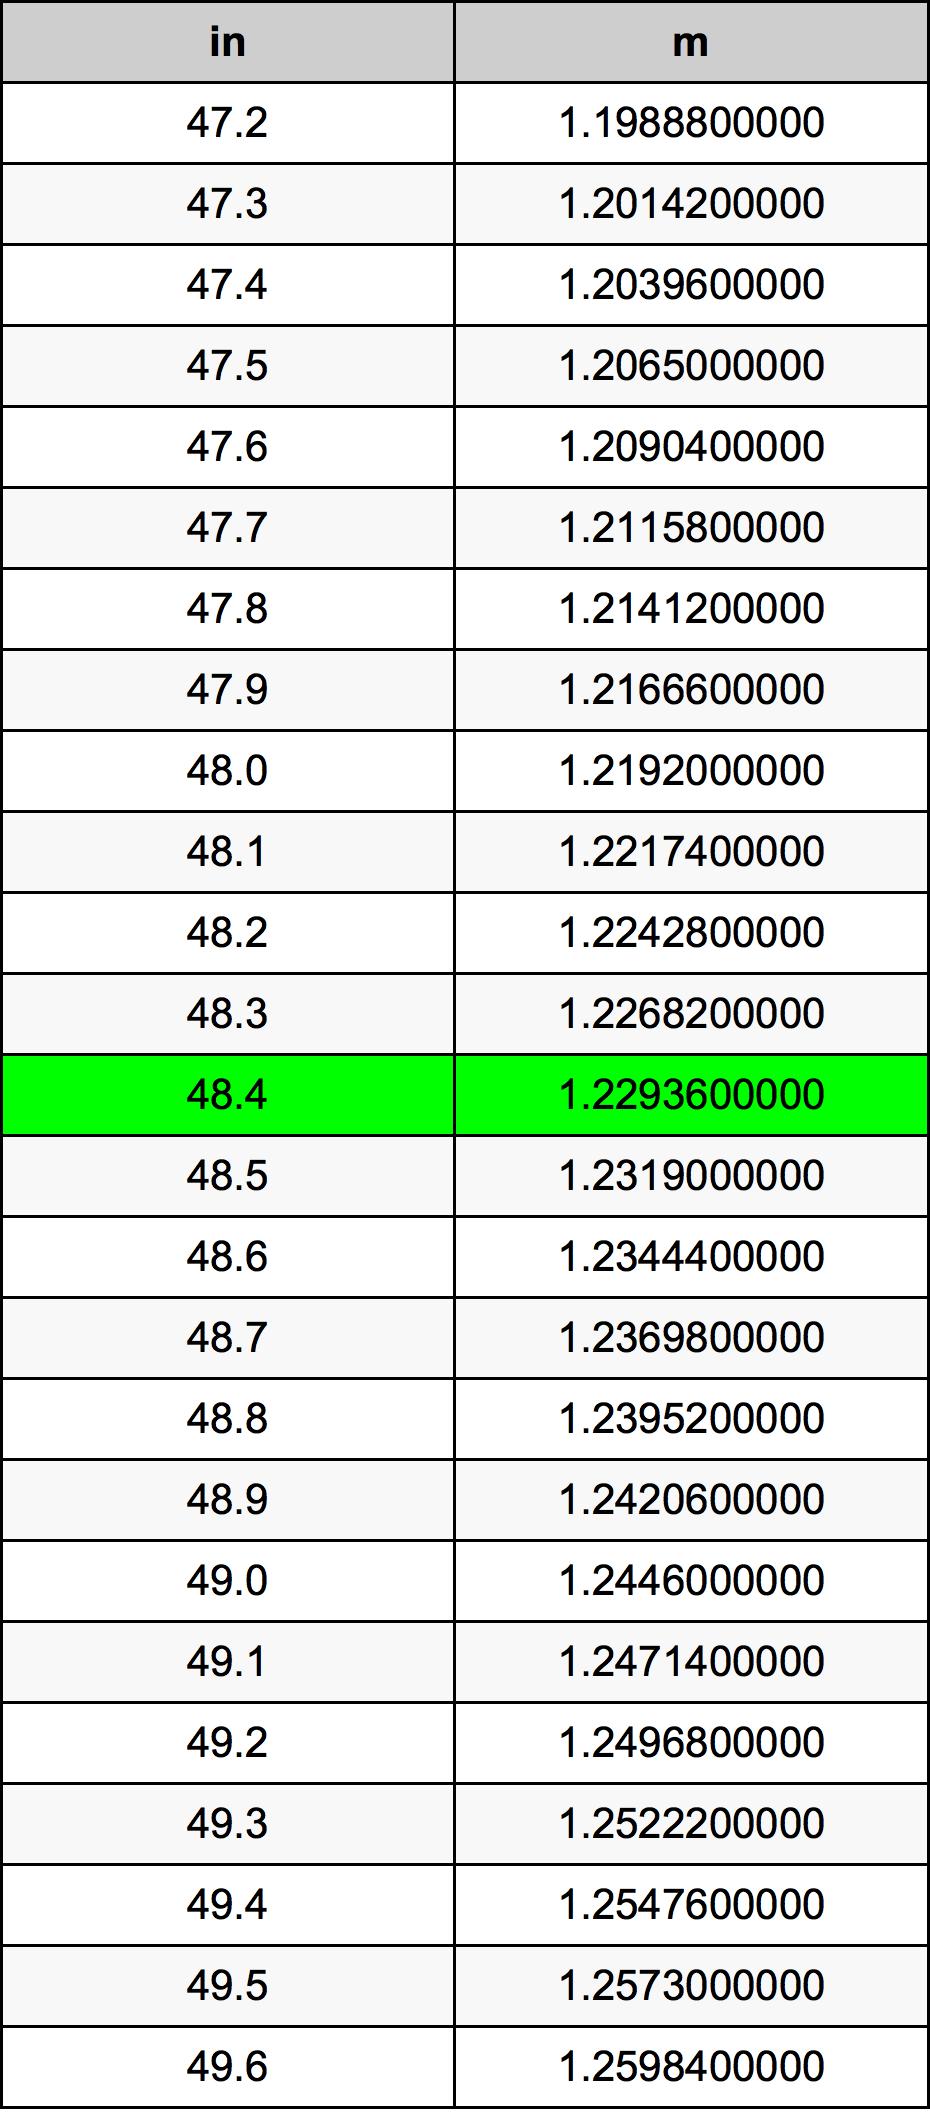 48.4 ίντσα Πίνακας Μετατροπής